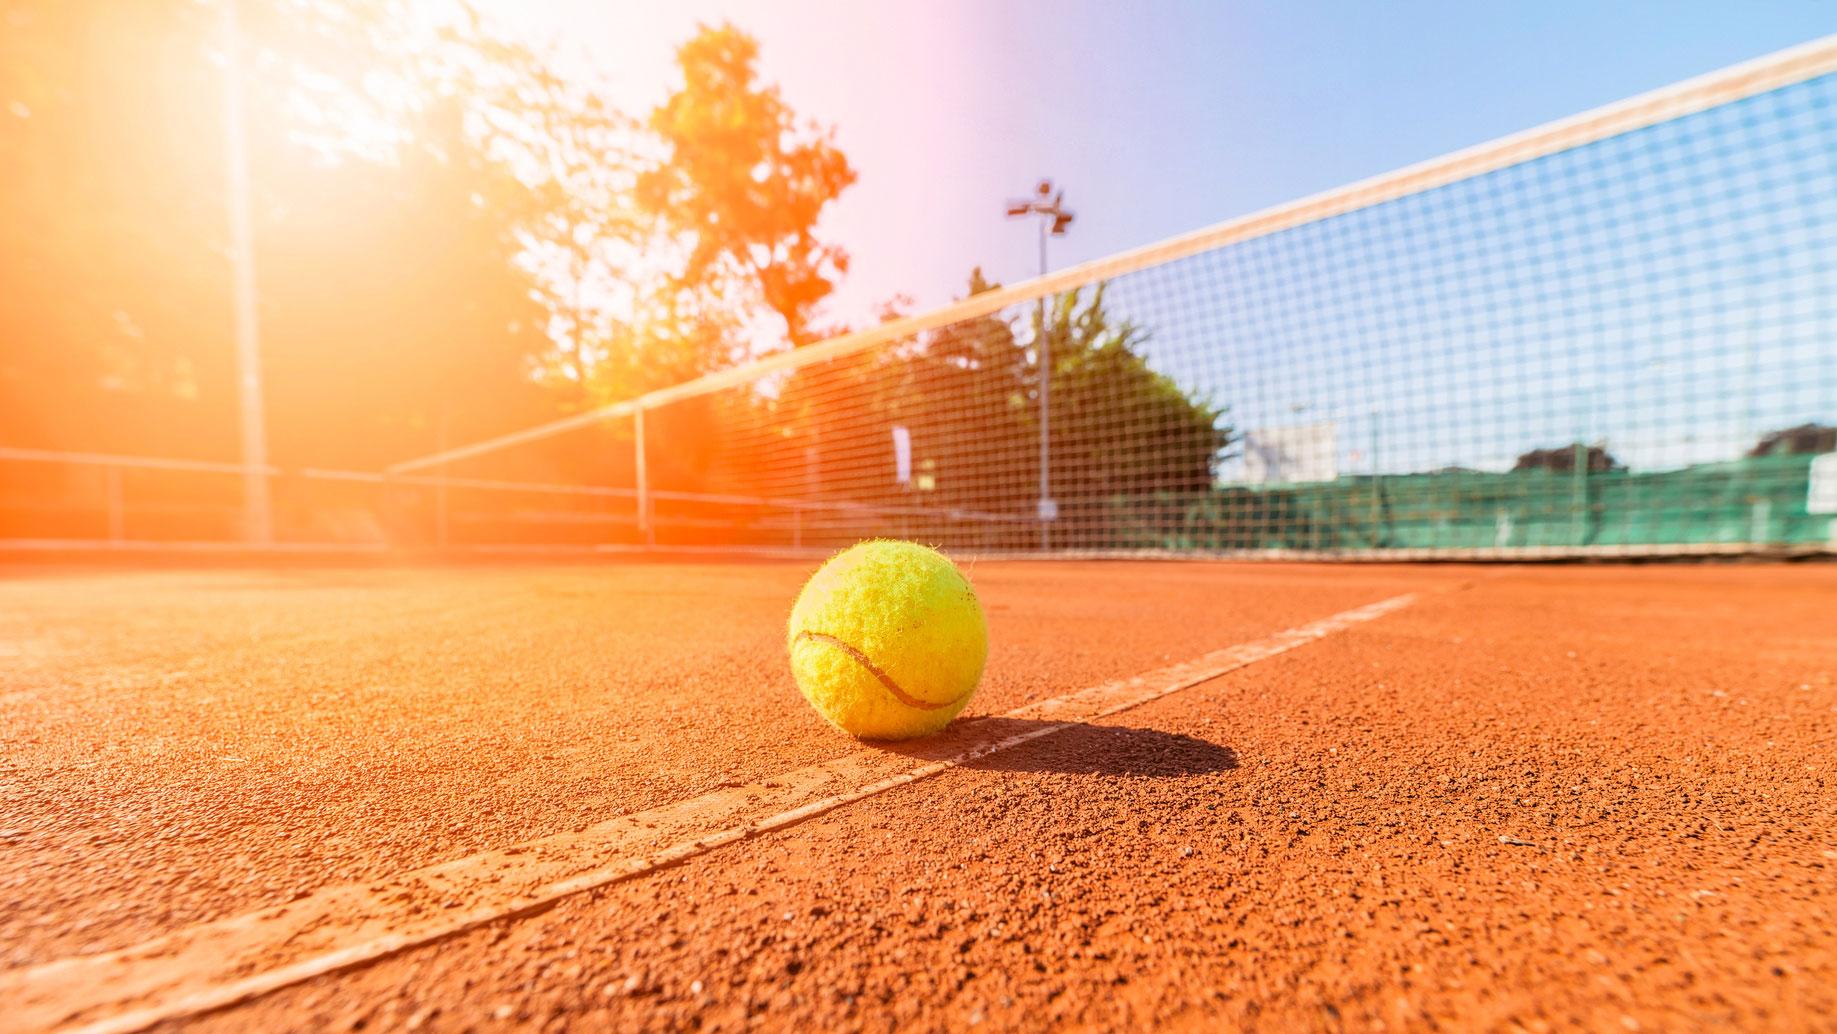 campi da tennis in terra rossa Mulazzo Massa Carrara